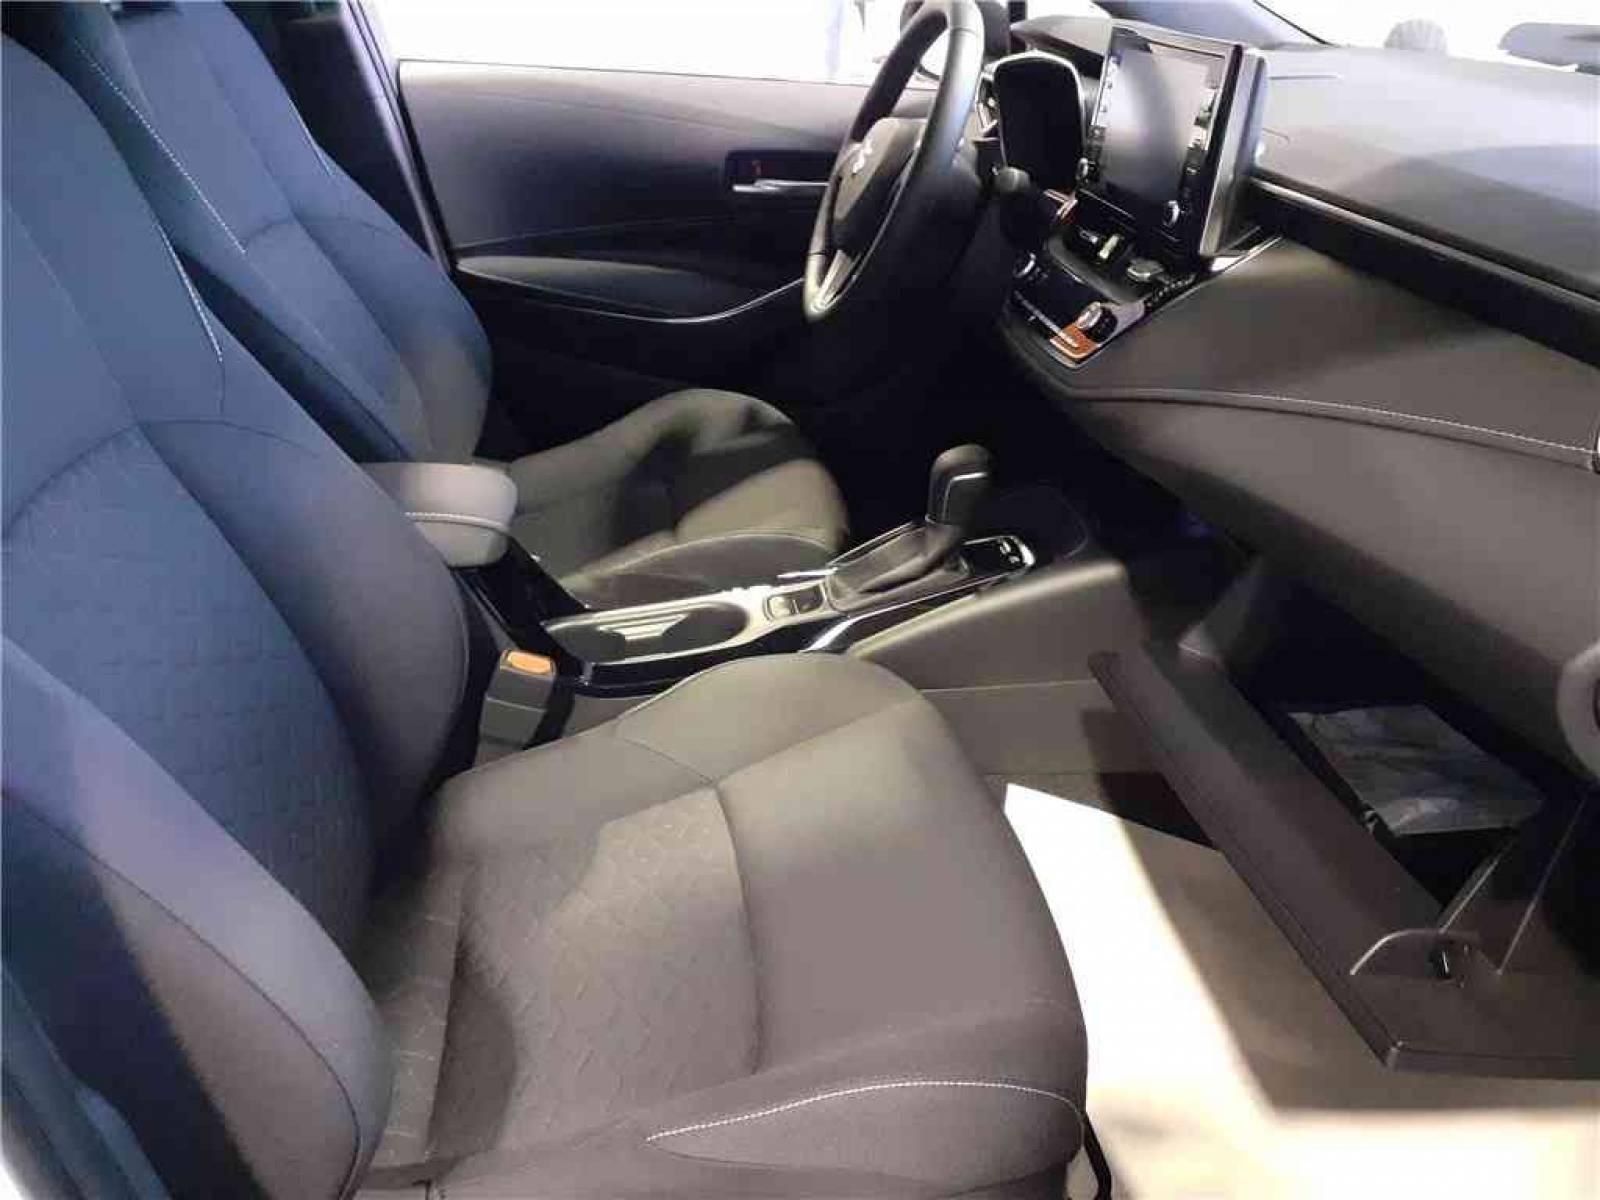 SUZUKI Swace 1.8 Hybrid - véhicule d'occasion - Groupe Guillet - Hall de l'automobile - Chalon sur Saône - 71380 - Saint-Marcel - 39